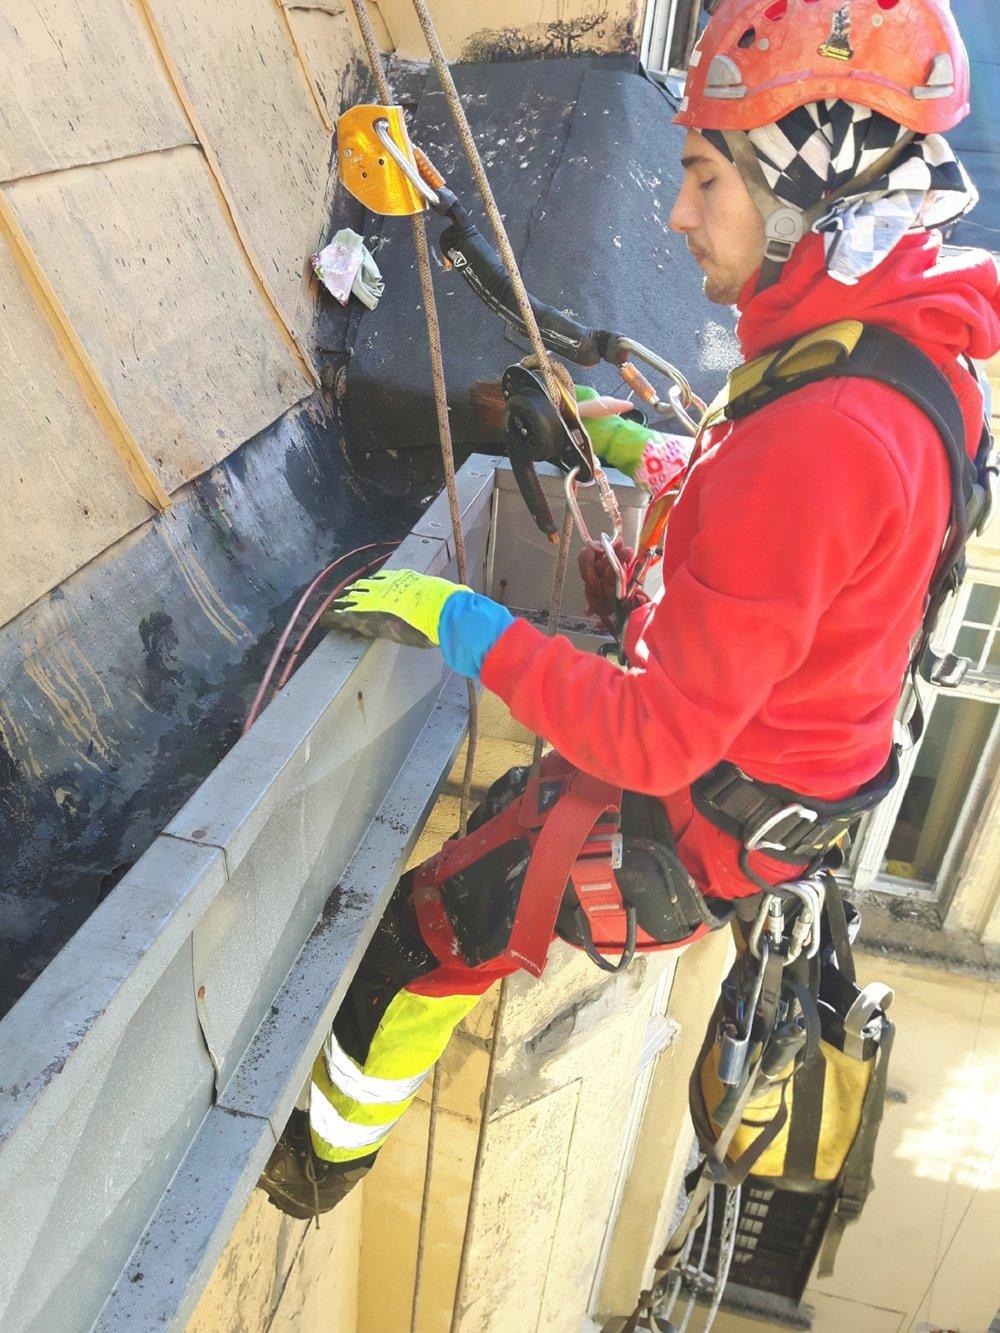 Dodatkowo przy uszczelnianiu elementów zniszczonych przetkaliśmy rury spustowe, które od lat domagały się takiej czynności. Prawdopodobnie to one były przyczyną powstających na elewacji zacieków wodnych. Brak bariery hydrofobowej może spowodować pęknięcia elewacji, odpażanie tynku a w najgorszym wypadku naruszenie konstrukcji nośnej budynku.